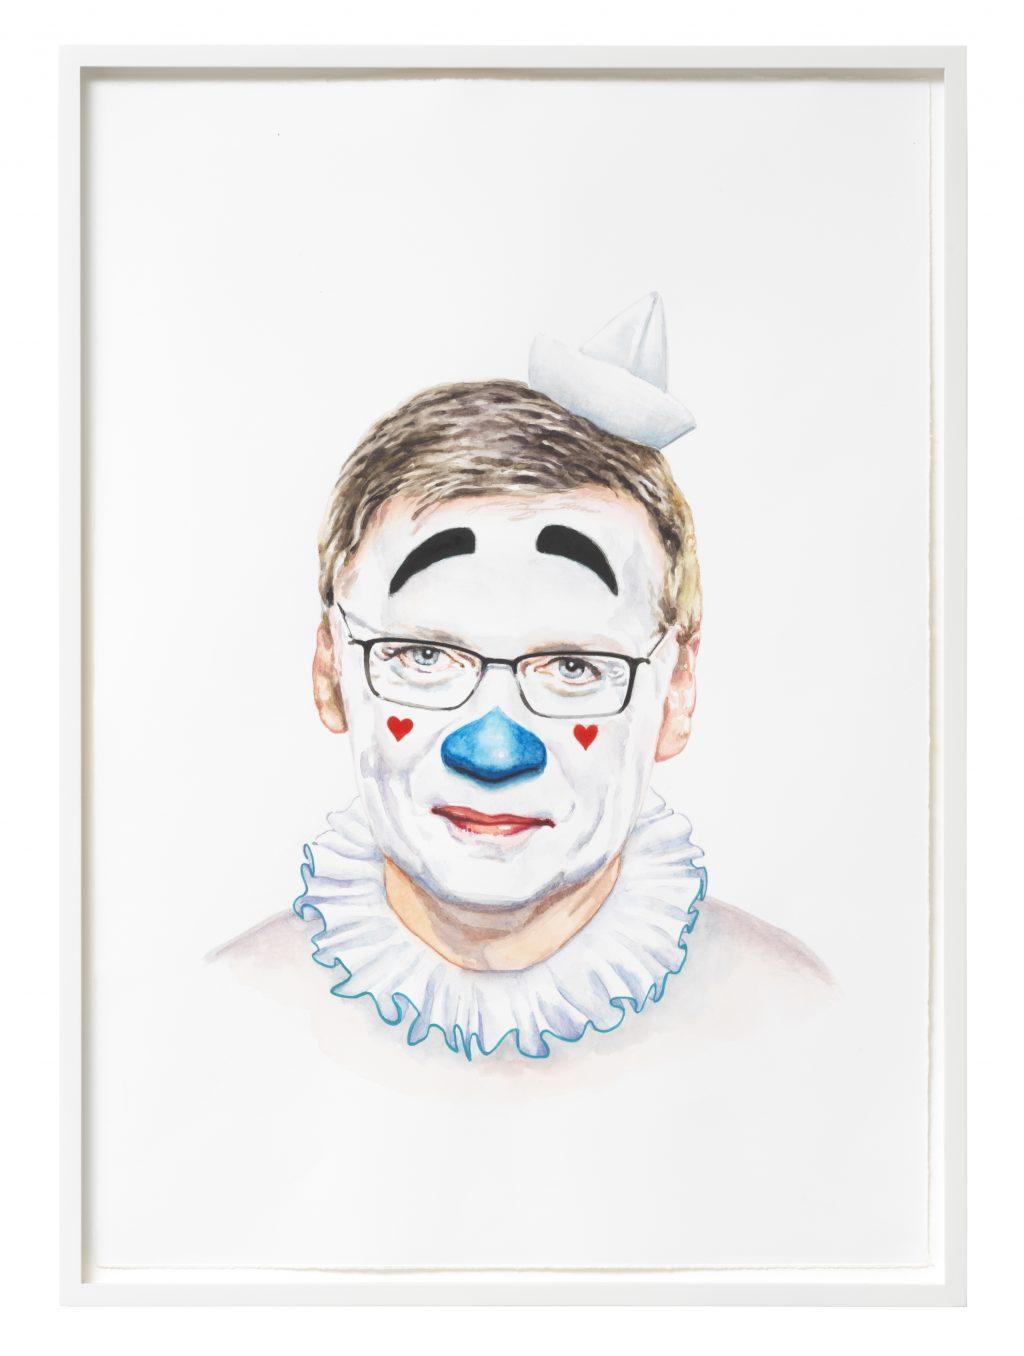 Tobias Rehberger: Heiden Spaß 3 (Günther Jauch), 2018, Wasserfarben auf Papier, Papierr: 54,1 x 37,9 cm, framed: 57 x 41 cm, Courtesy der Künstler und neugerriemschneider, Berlin, Foto: Jens Ziehe, Berlin